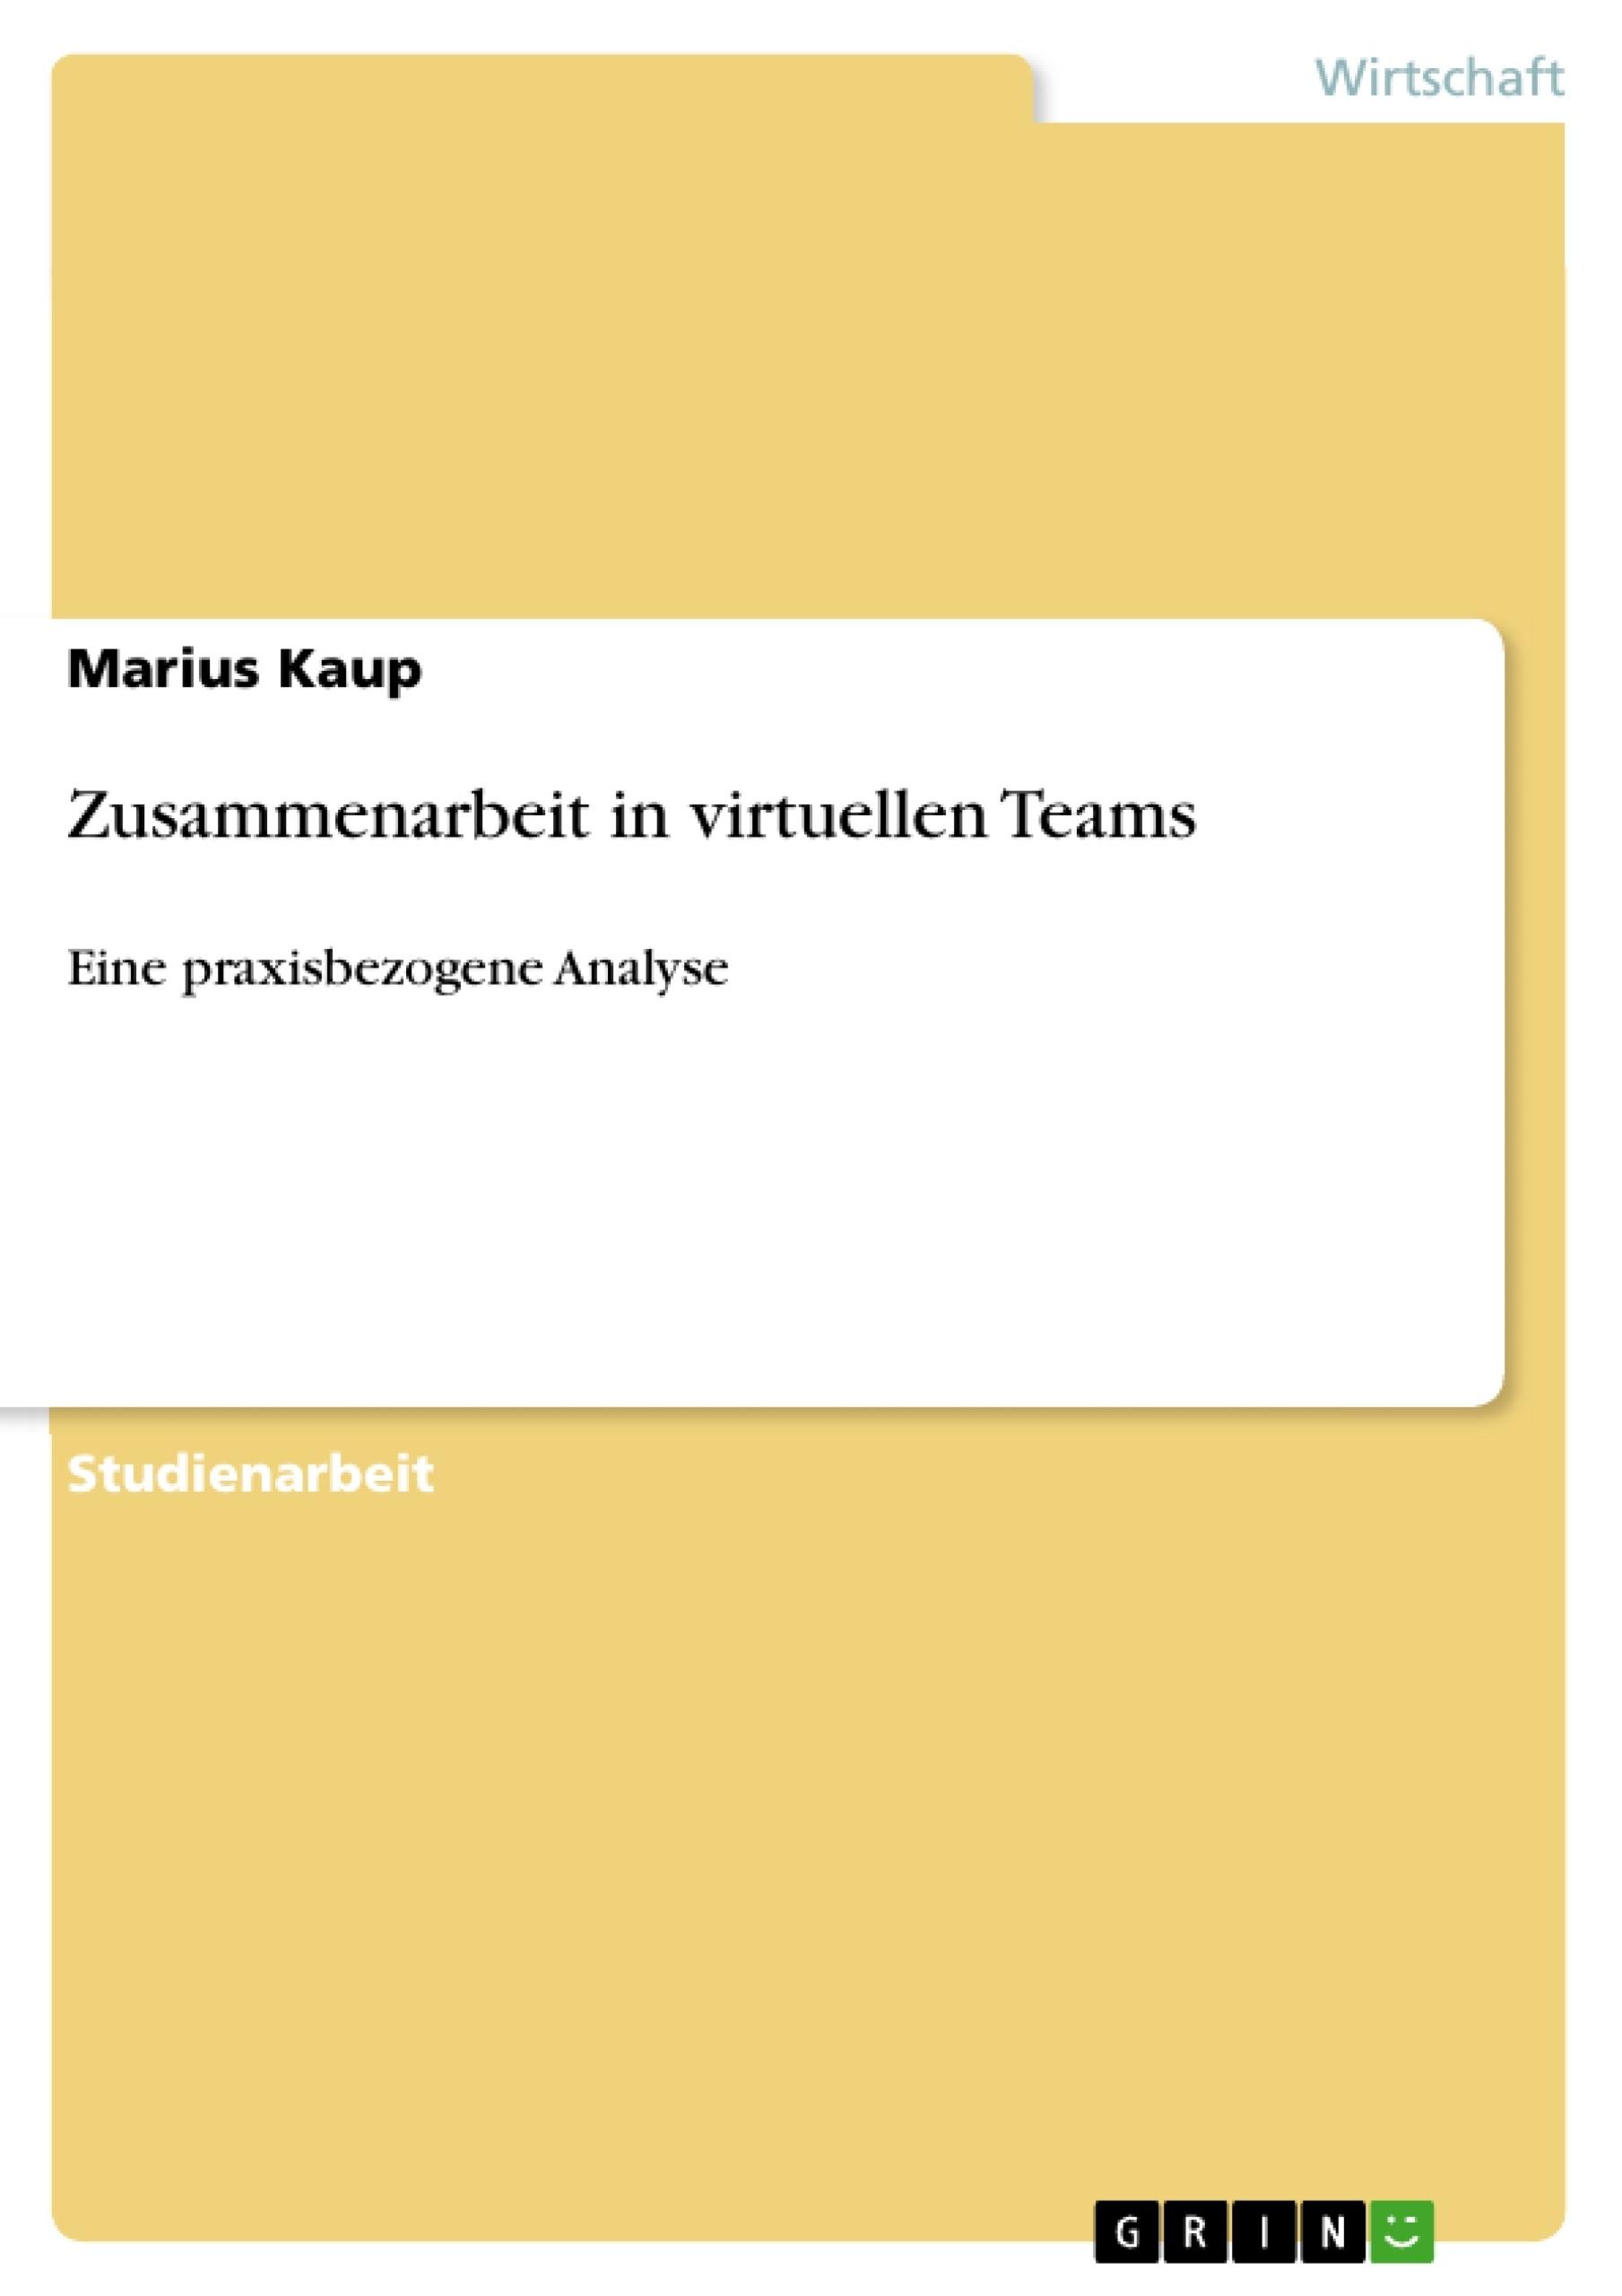 Titel: Zusammenarbeit in virtuellen Teams